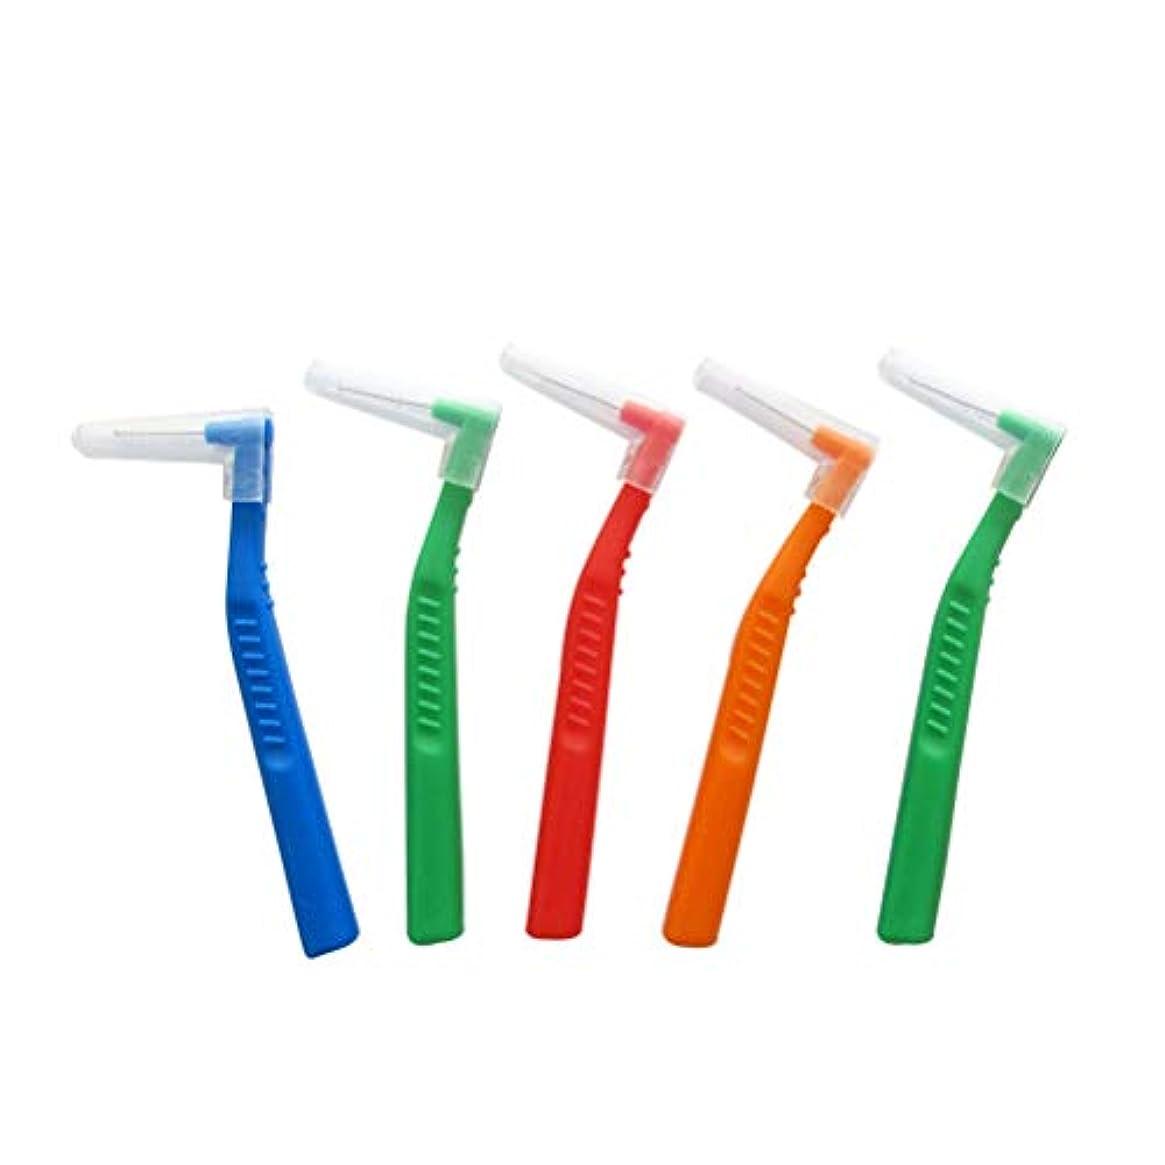 してはいけない狂ったコンサートSUPVOX 歯間ブラシ クリーナー l字型 歯間清掃 歯科 口腔ケアツール 5本入(ランダムカラー)